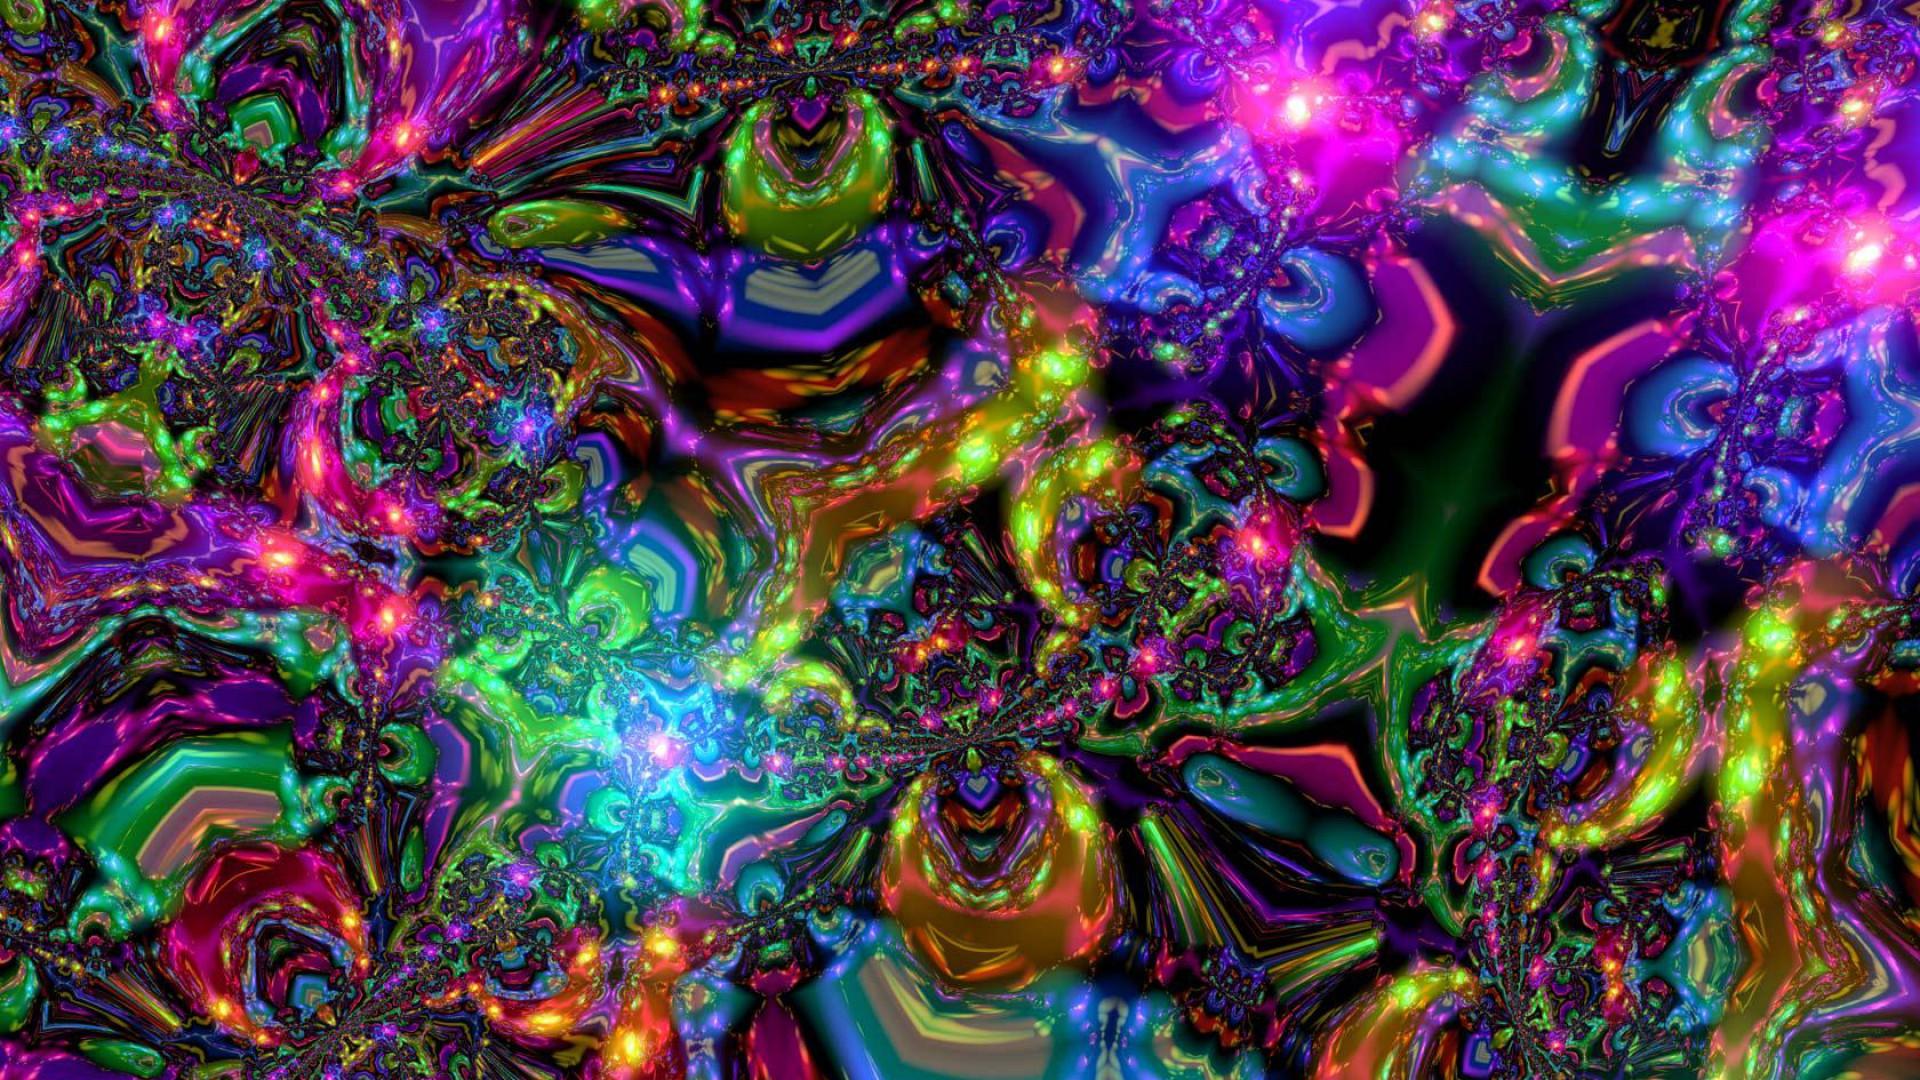 Trippy Background Artwork